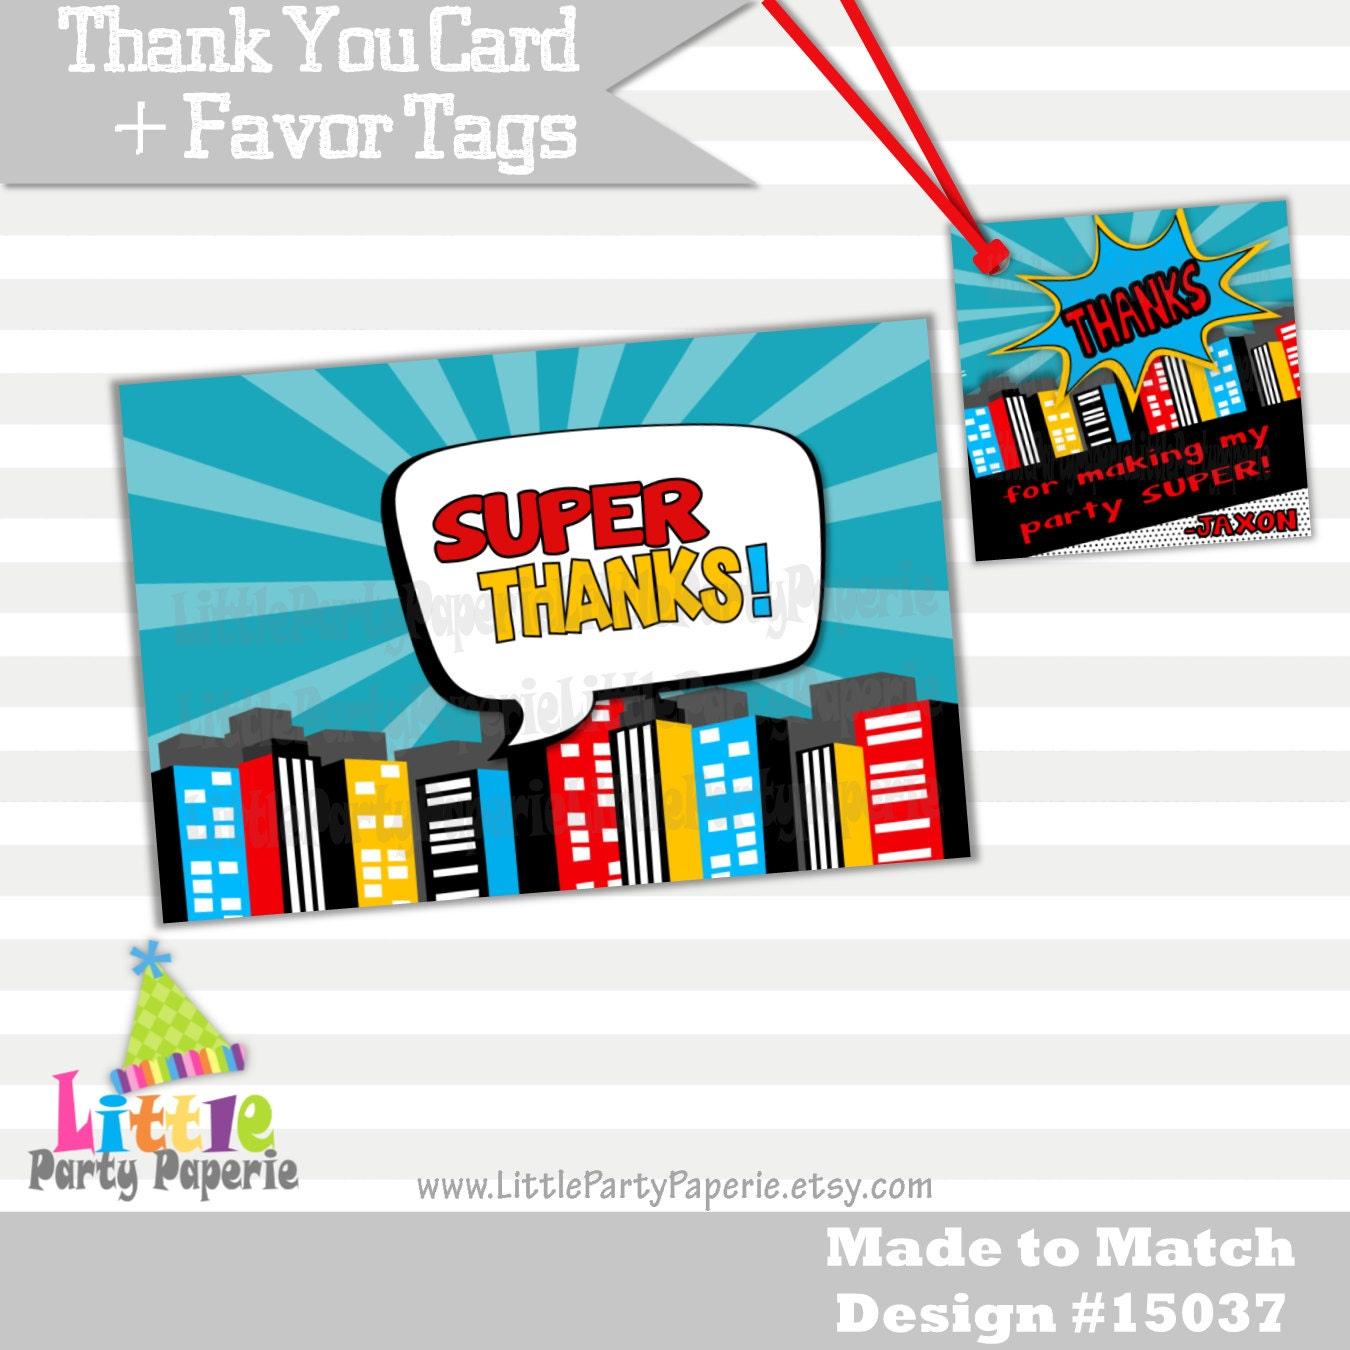 Super héroe gracias tarjetas y Tags a Favor Tarjetas | Etsy